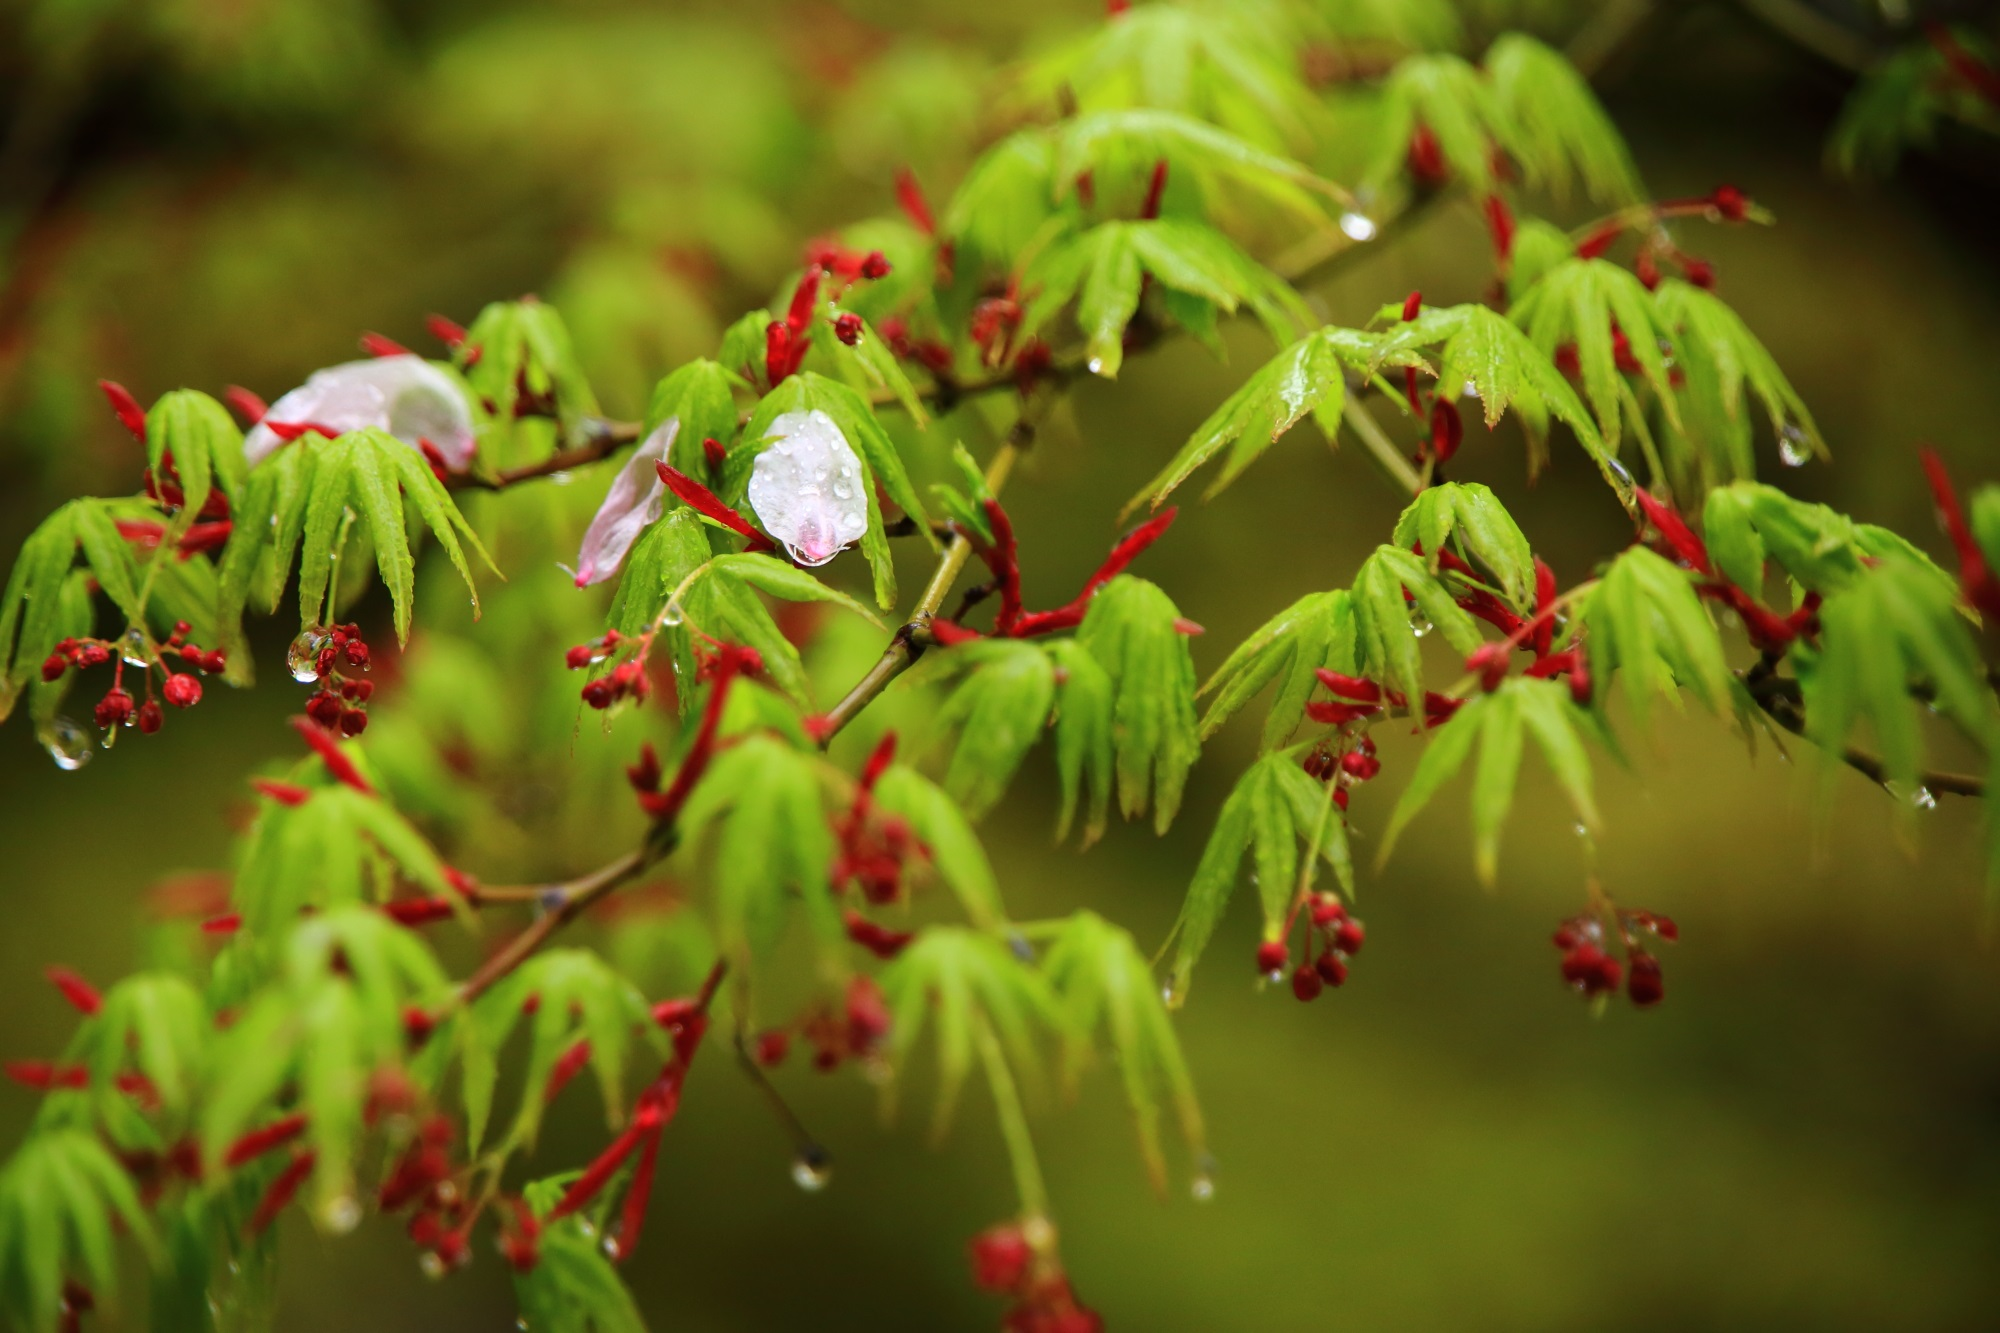 真如堂の雨の散り桜と新緑